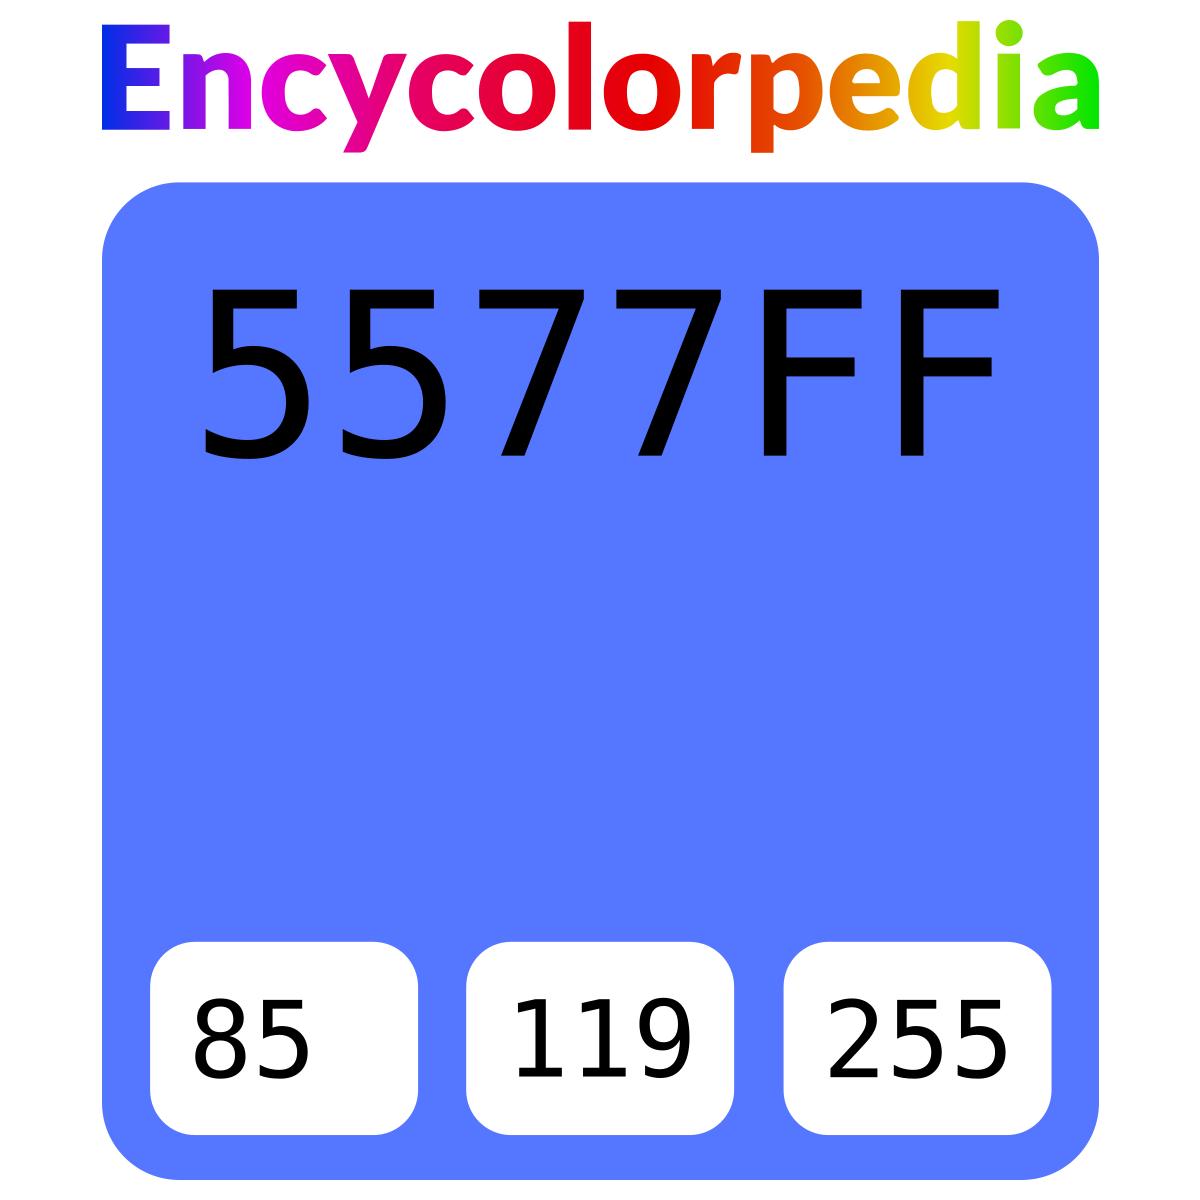 57f is